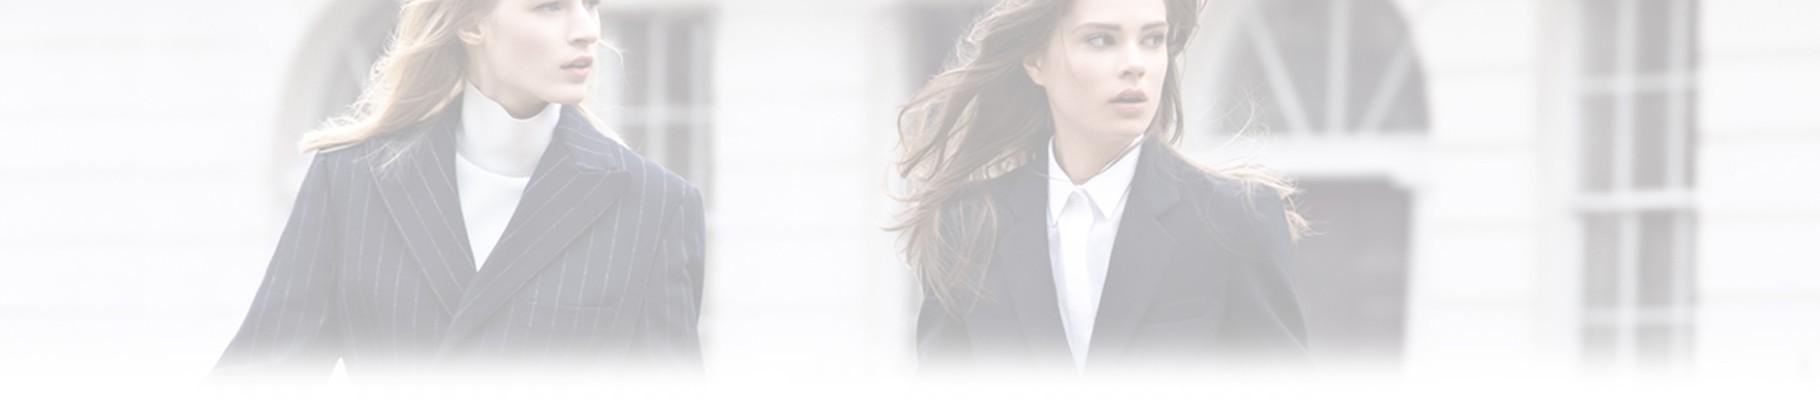 Migliori Brands Le Donna Firmate Dai Giacche Mondo Scopri Del Subito 4YBq0wxP